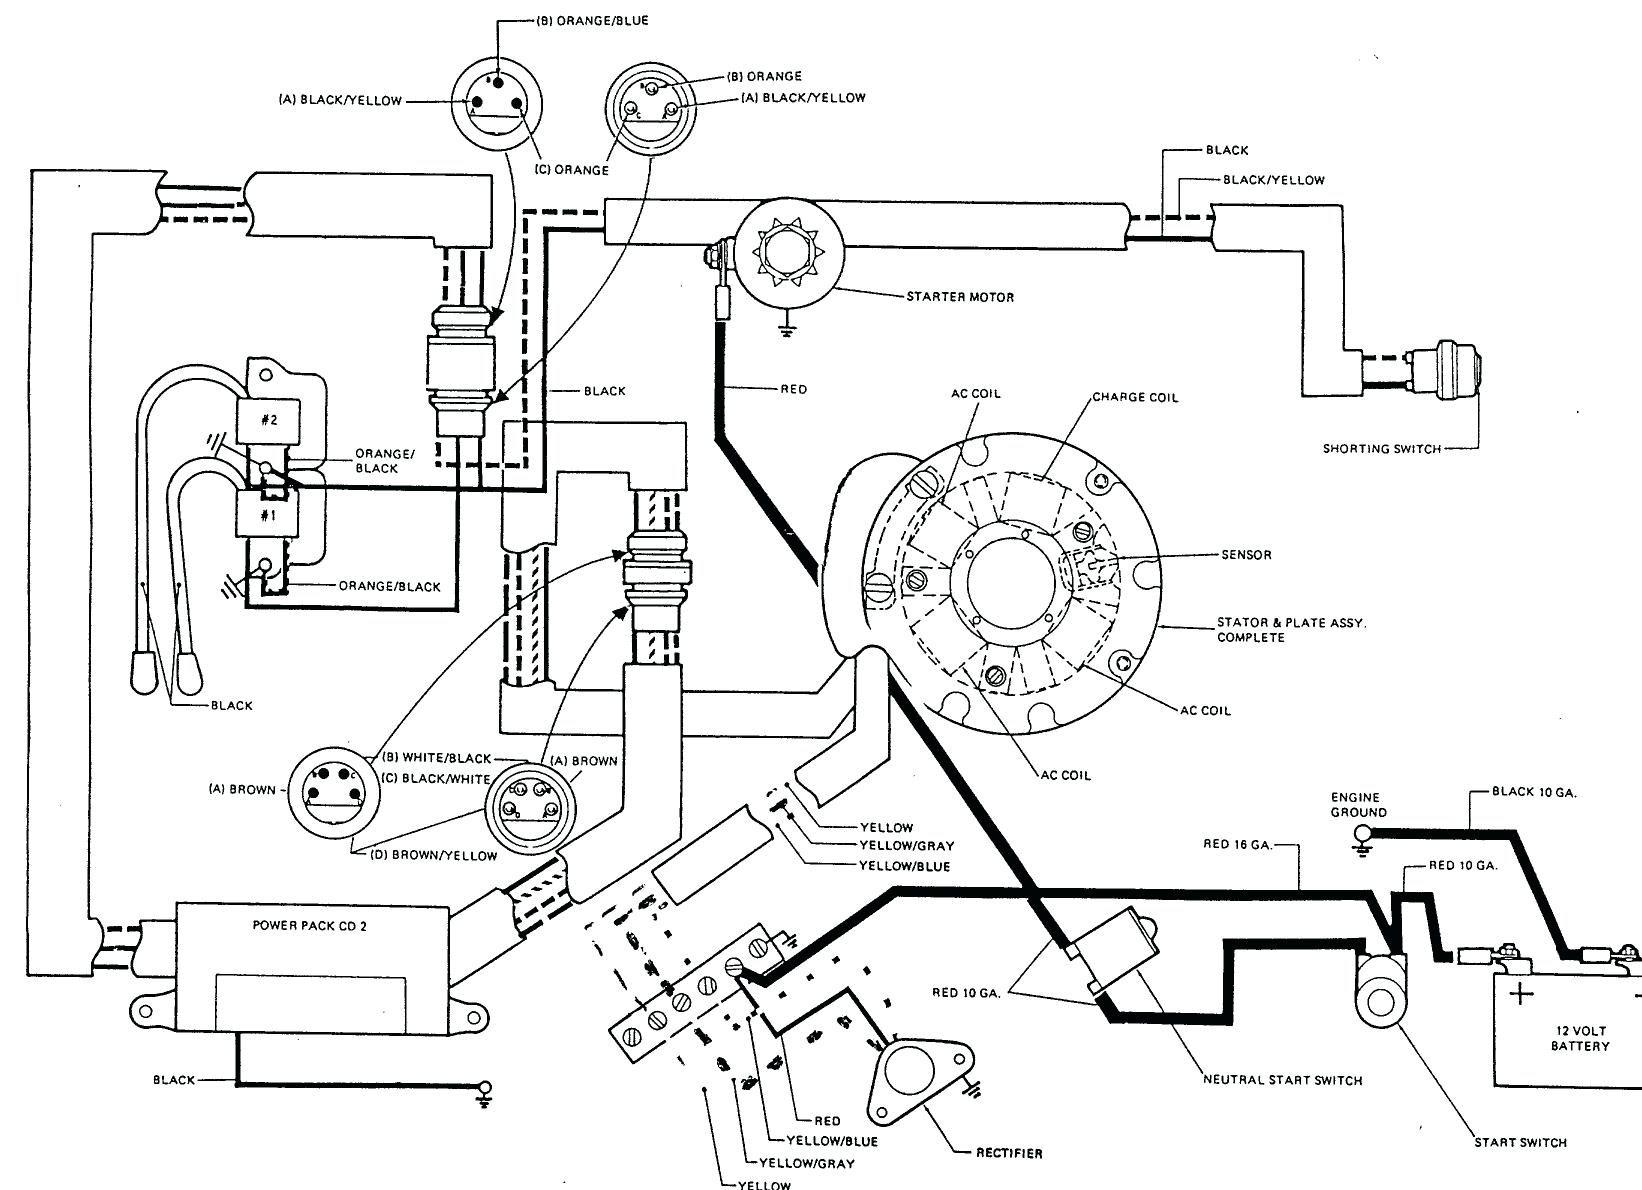 Marathon Pool Pump Motor Wiring Diagram | Wiring Diagram - Marathon Electric Motor Wiring Diagram